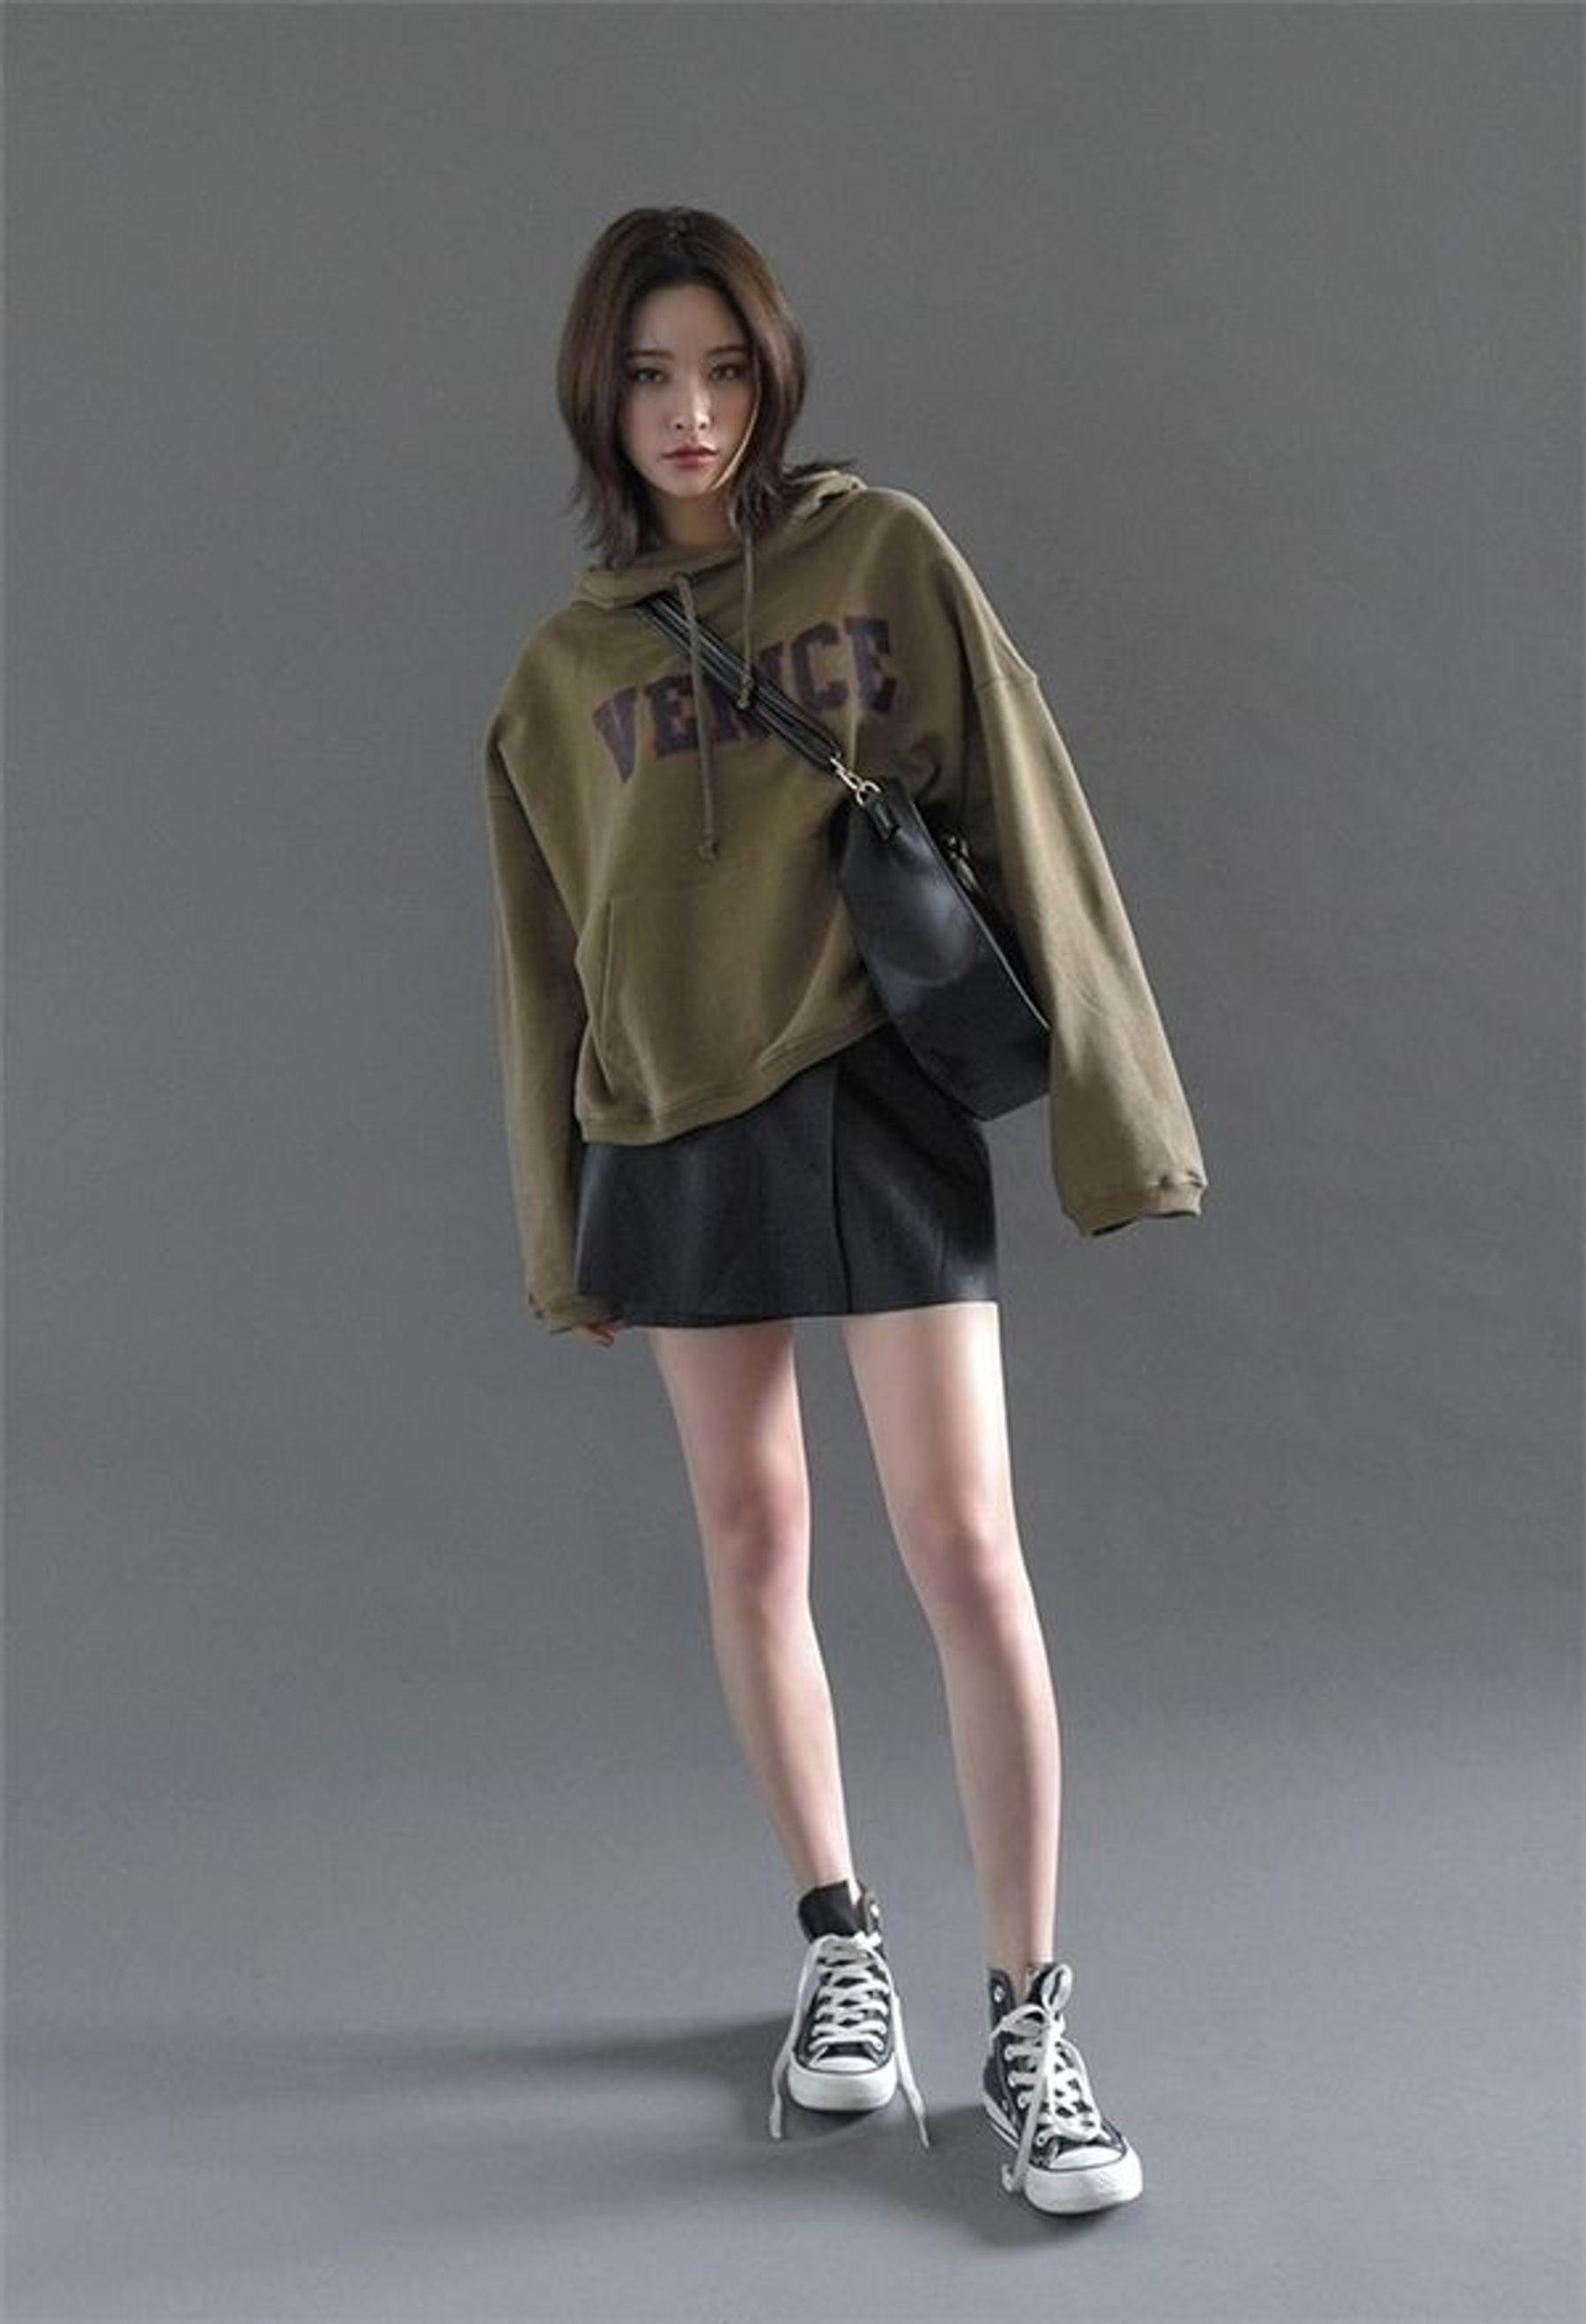 Cách phối đồ với converse cổ cao và áo hoodie cùng chân váy ngắn